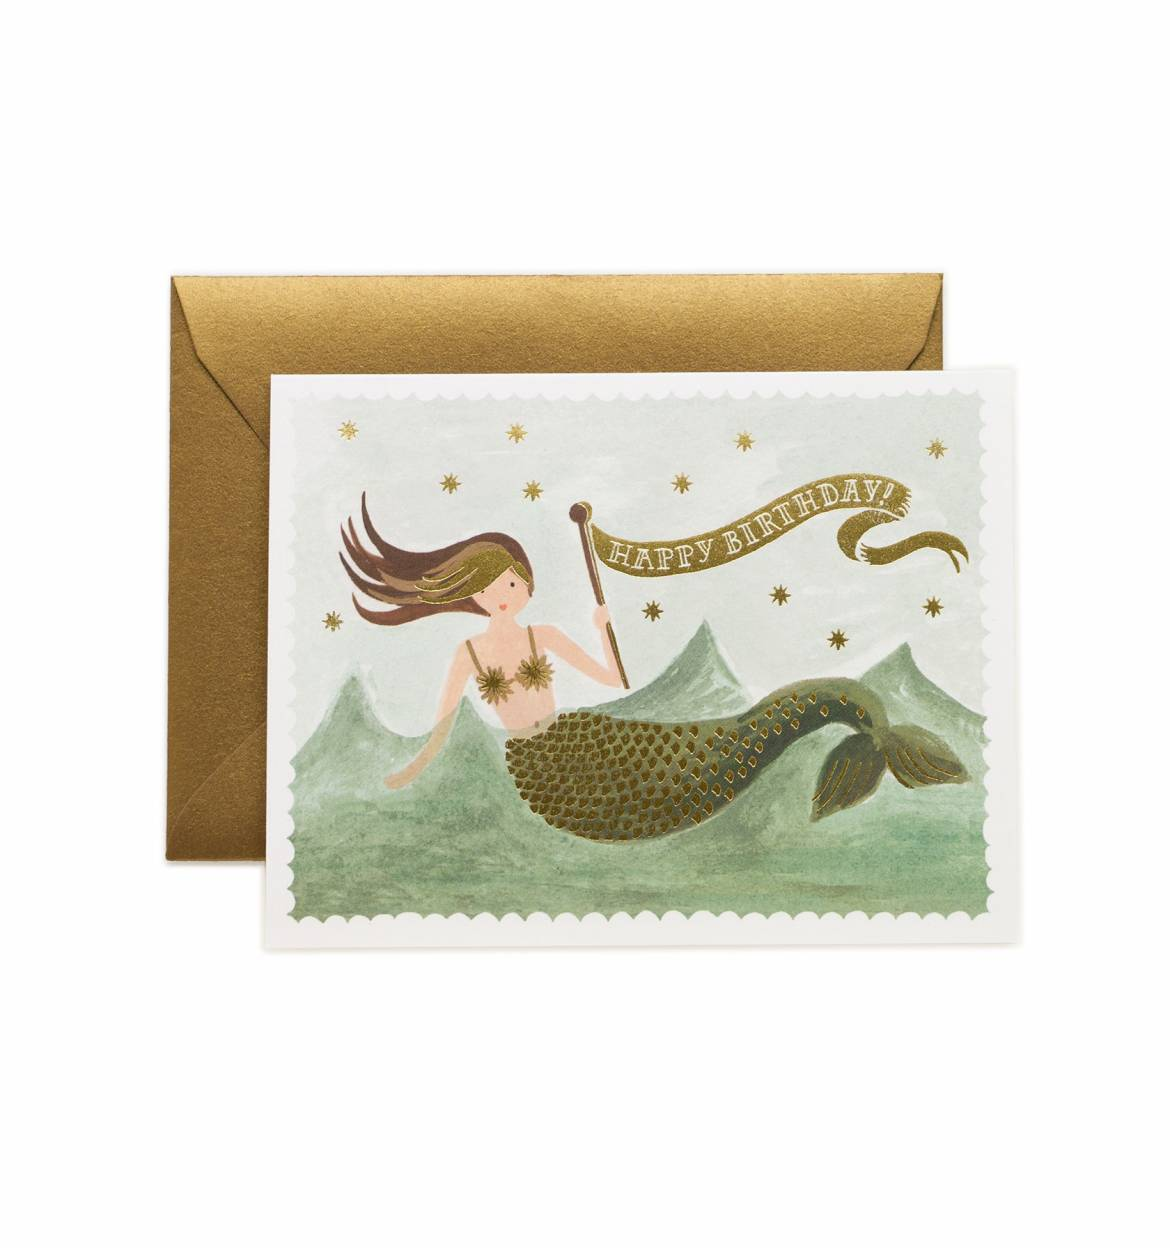 FakeSiteProductrifle-paper-co-mermaid-birthday-card-01-n_1.jpg